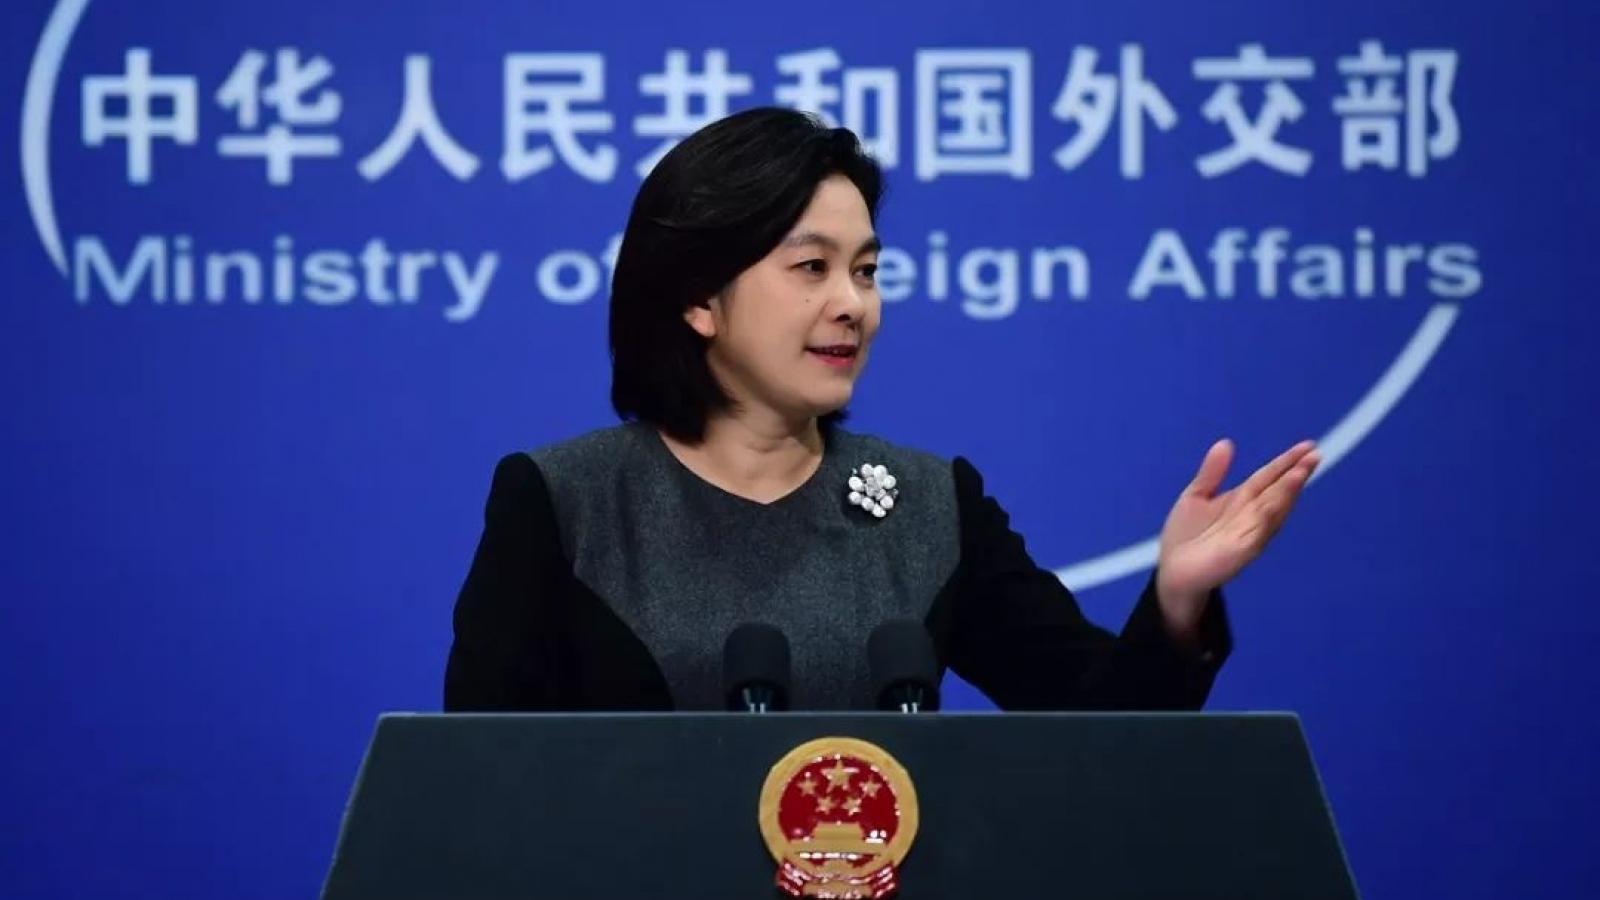 Trung Quốc trừng phạt 4 cá nhân Mỹ, căng thẳng Trung-Mỹ gia tăng